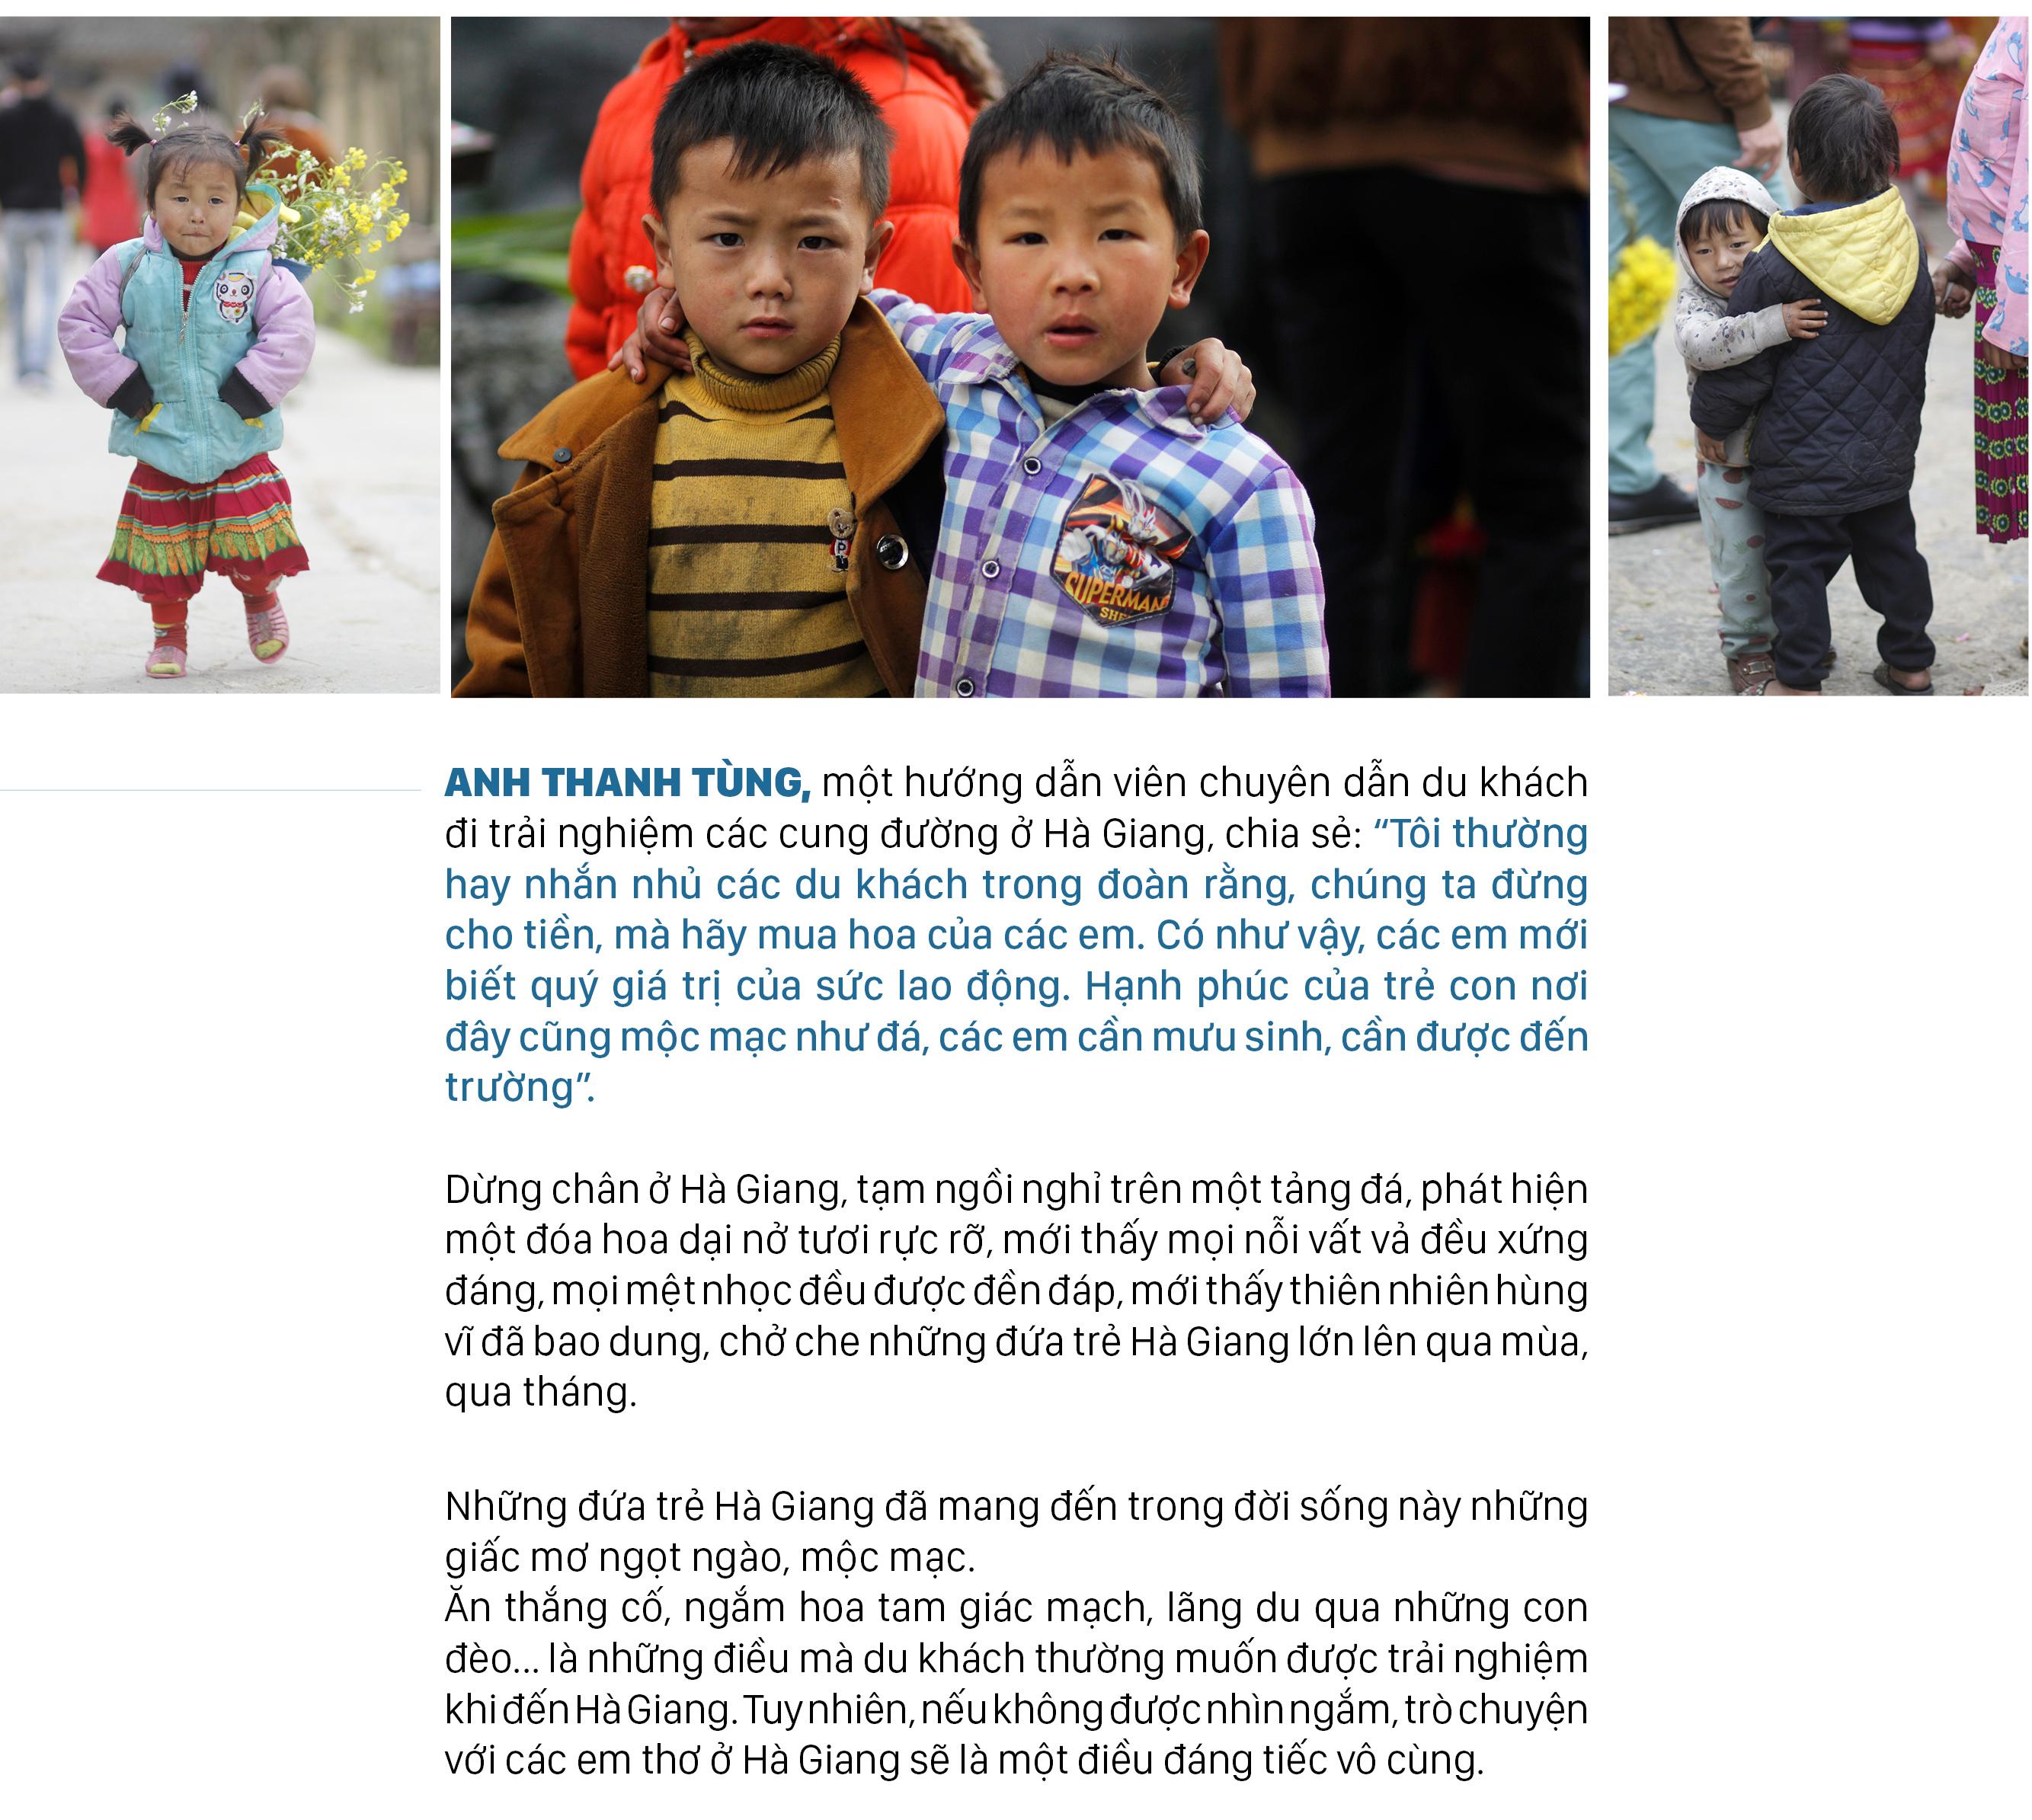 Những đứa trẻ mưu sinh giữa đại ngàn Hà Giang ảnh 14